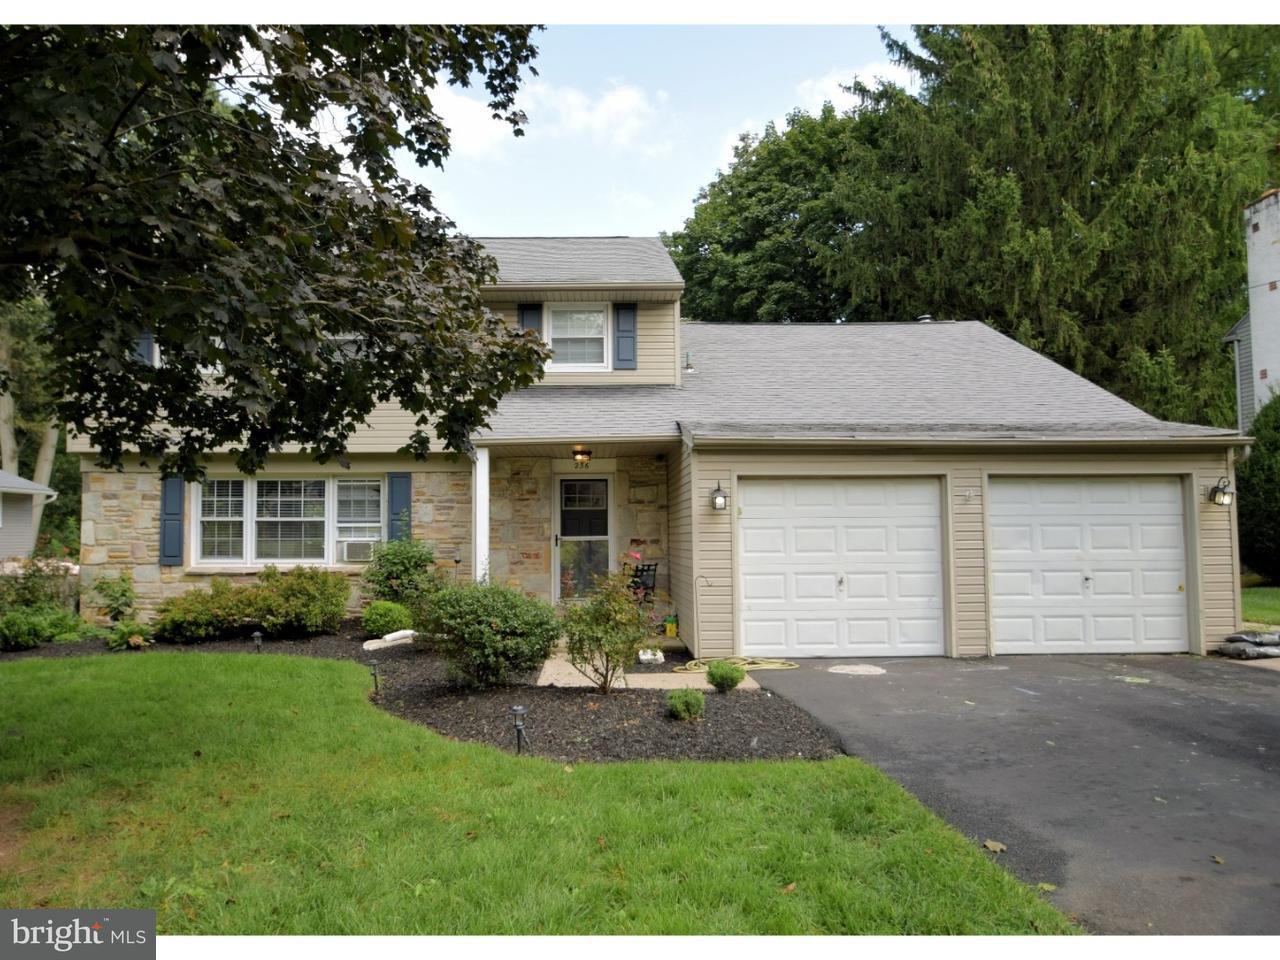 Casa Unifamiliar por un Venta en 236 BEATRICE Avenue Hatboro, Pennsylvania 19040 Estados Unidos